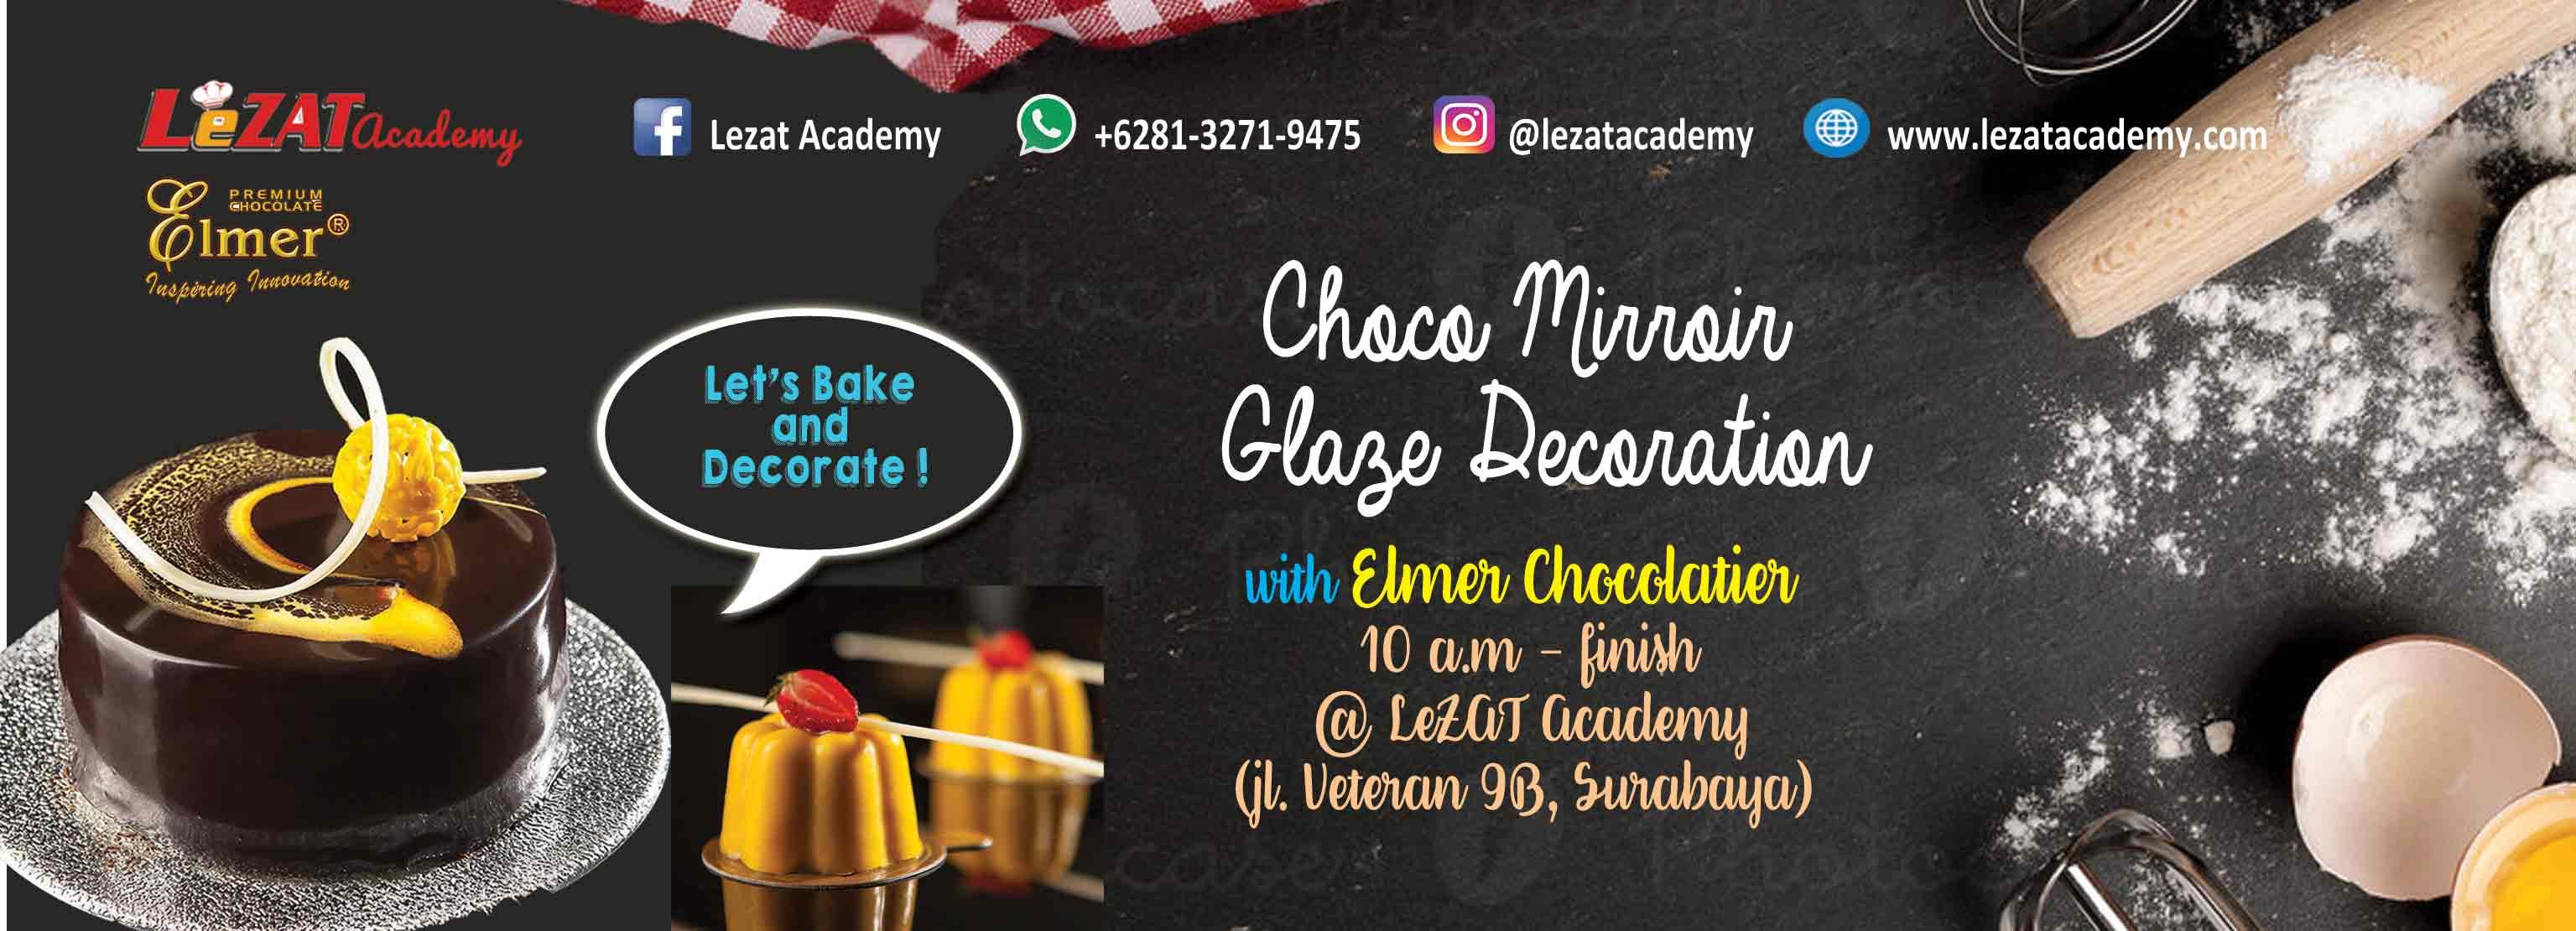 Slideshow-Choco-Mirroir-Elmer